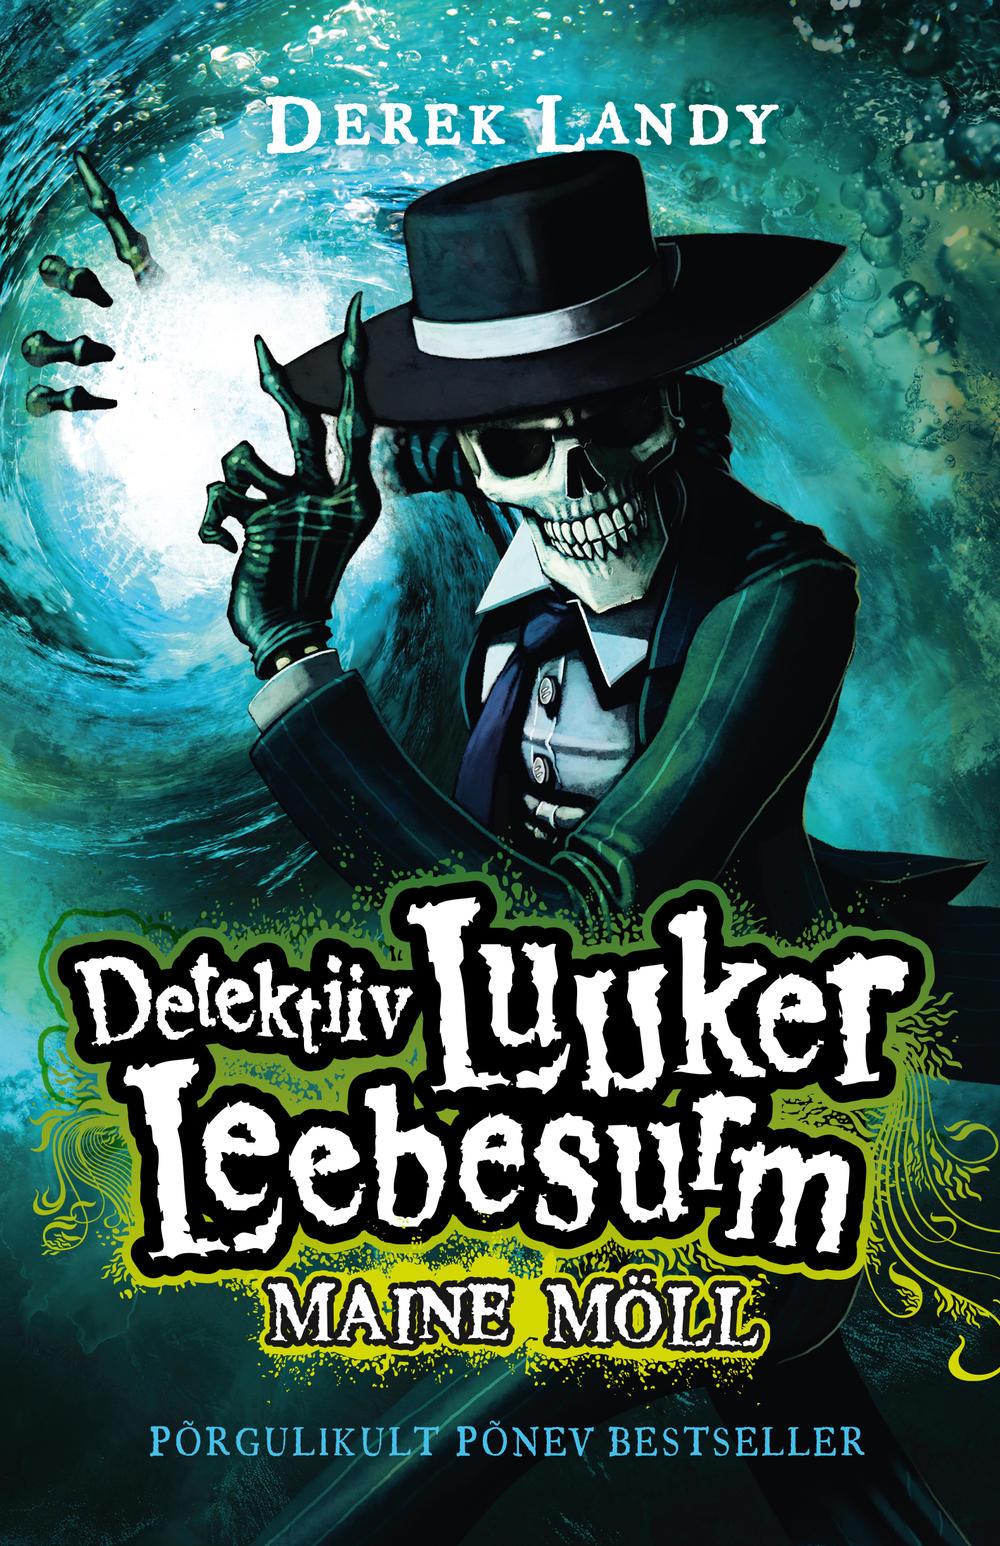 Derek Landy Detektiiv Luuker Leebesurm 5: Maine möll derek landy detektiiv luuker leebesurm 2 mängides tulega